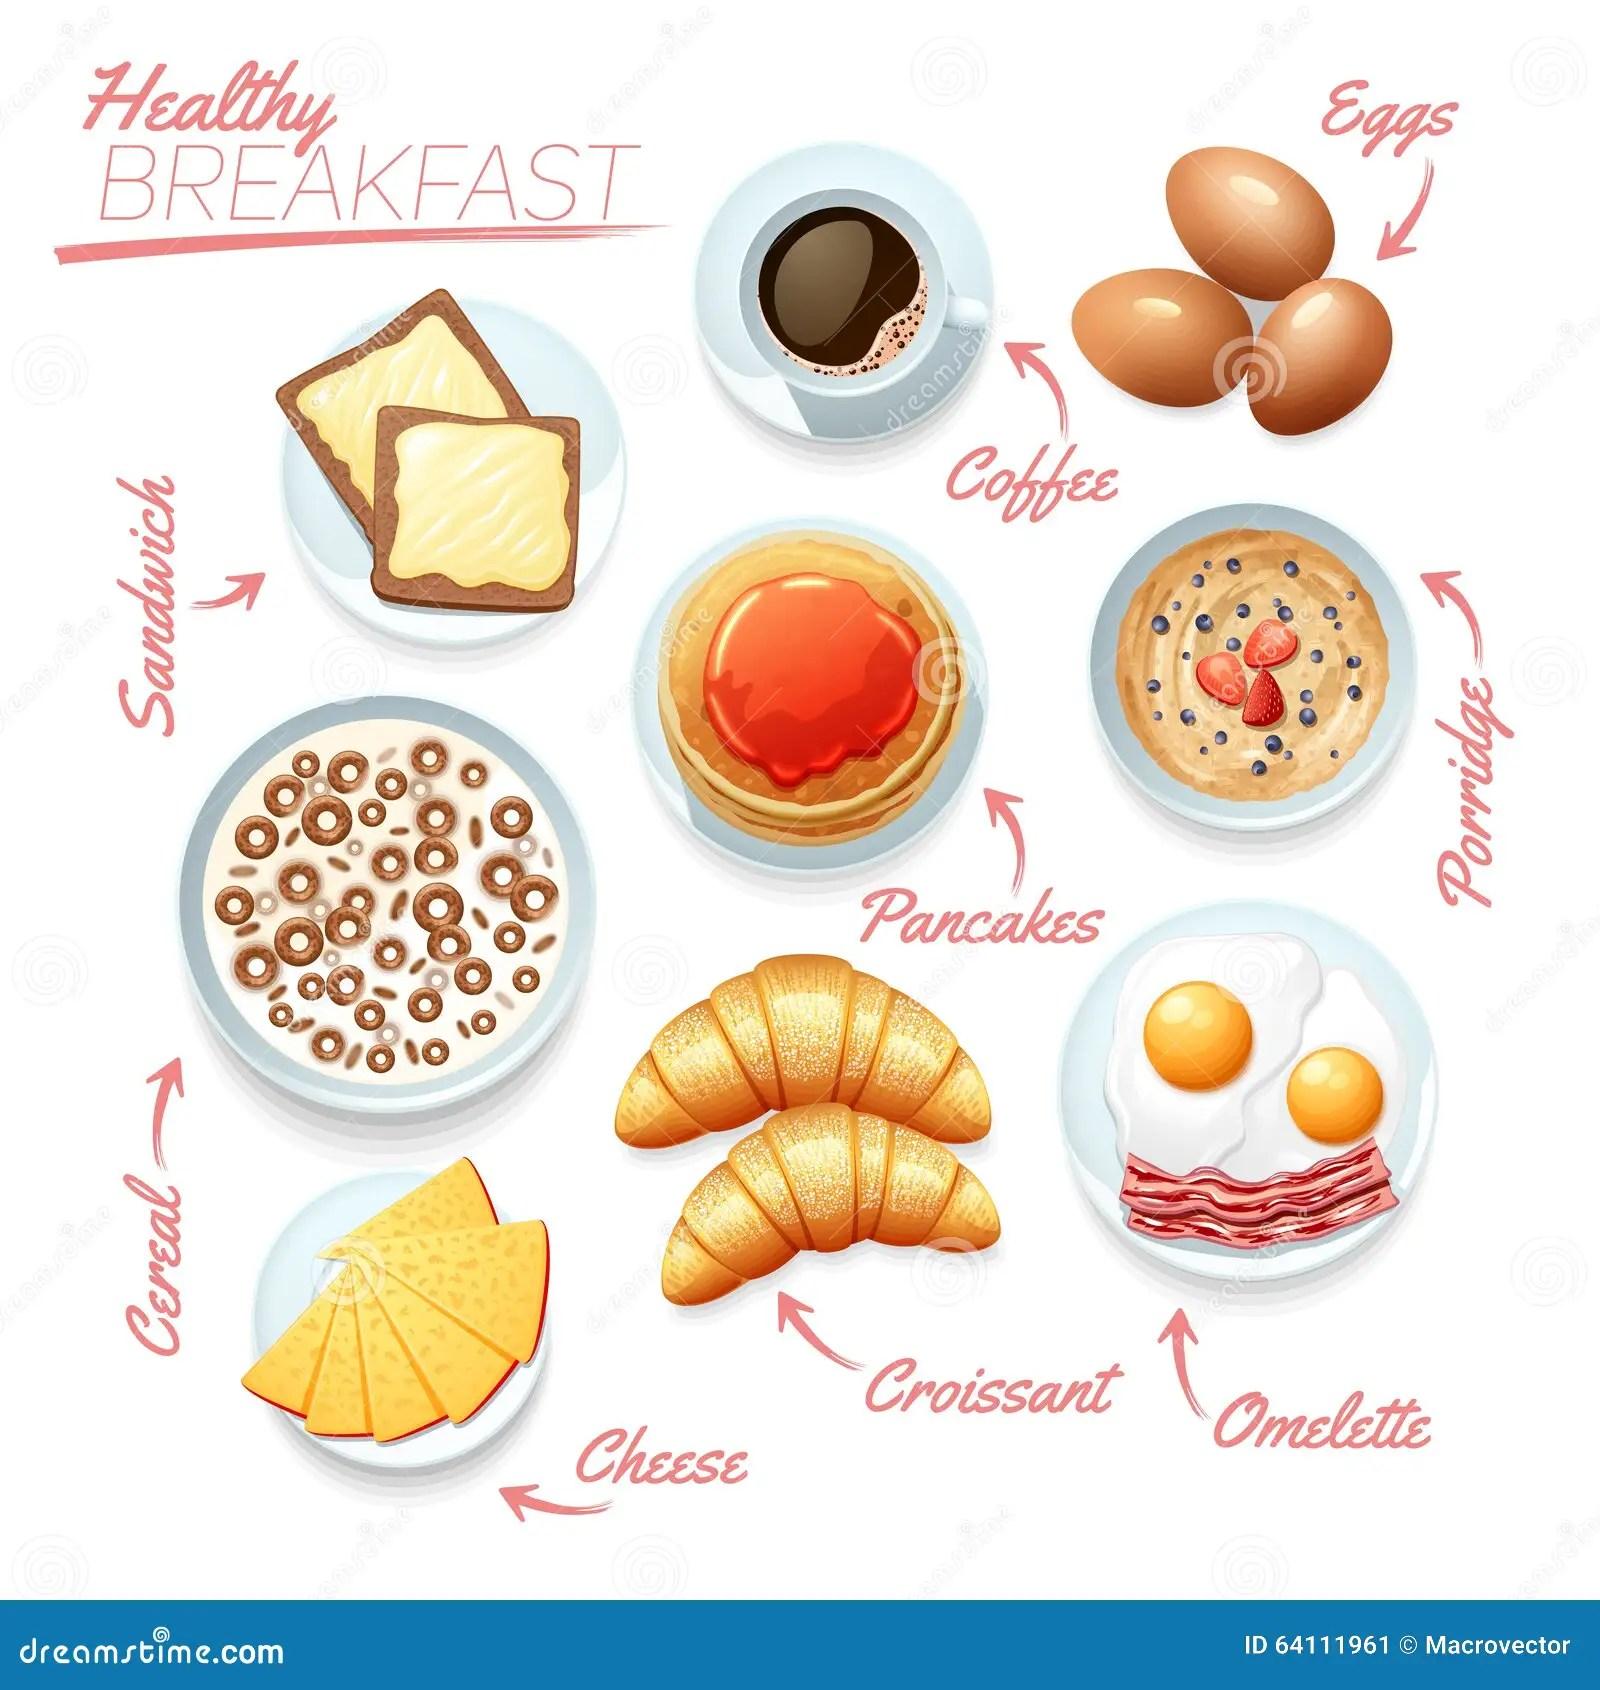 Healthy Breakfast Poster Stock Vector